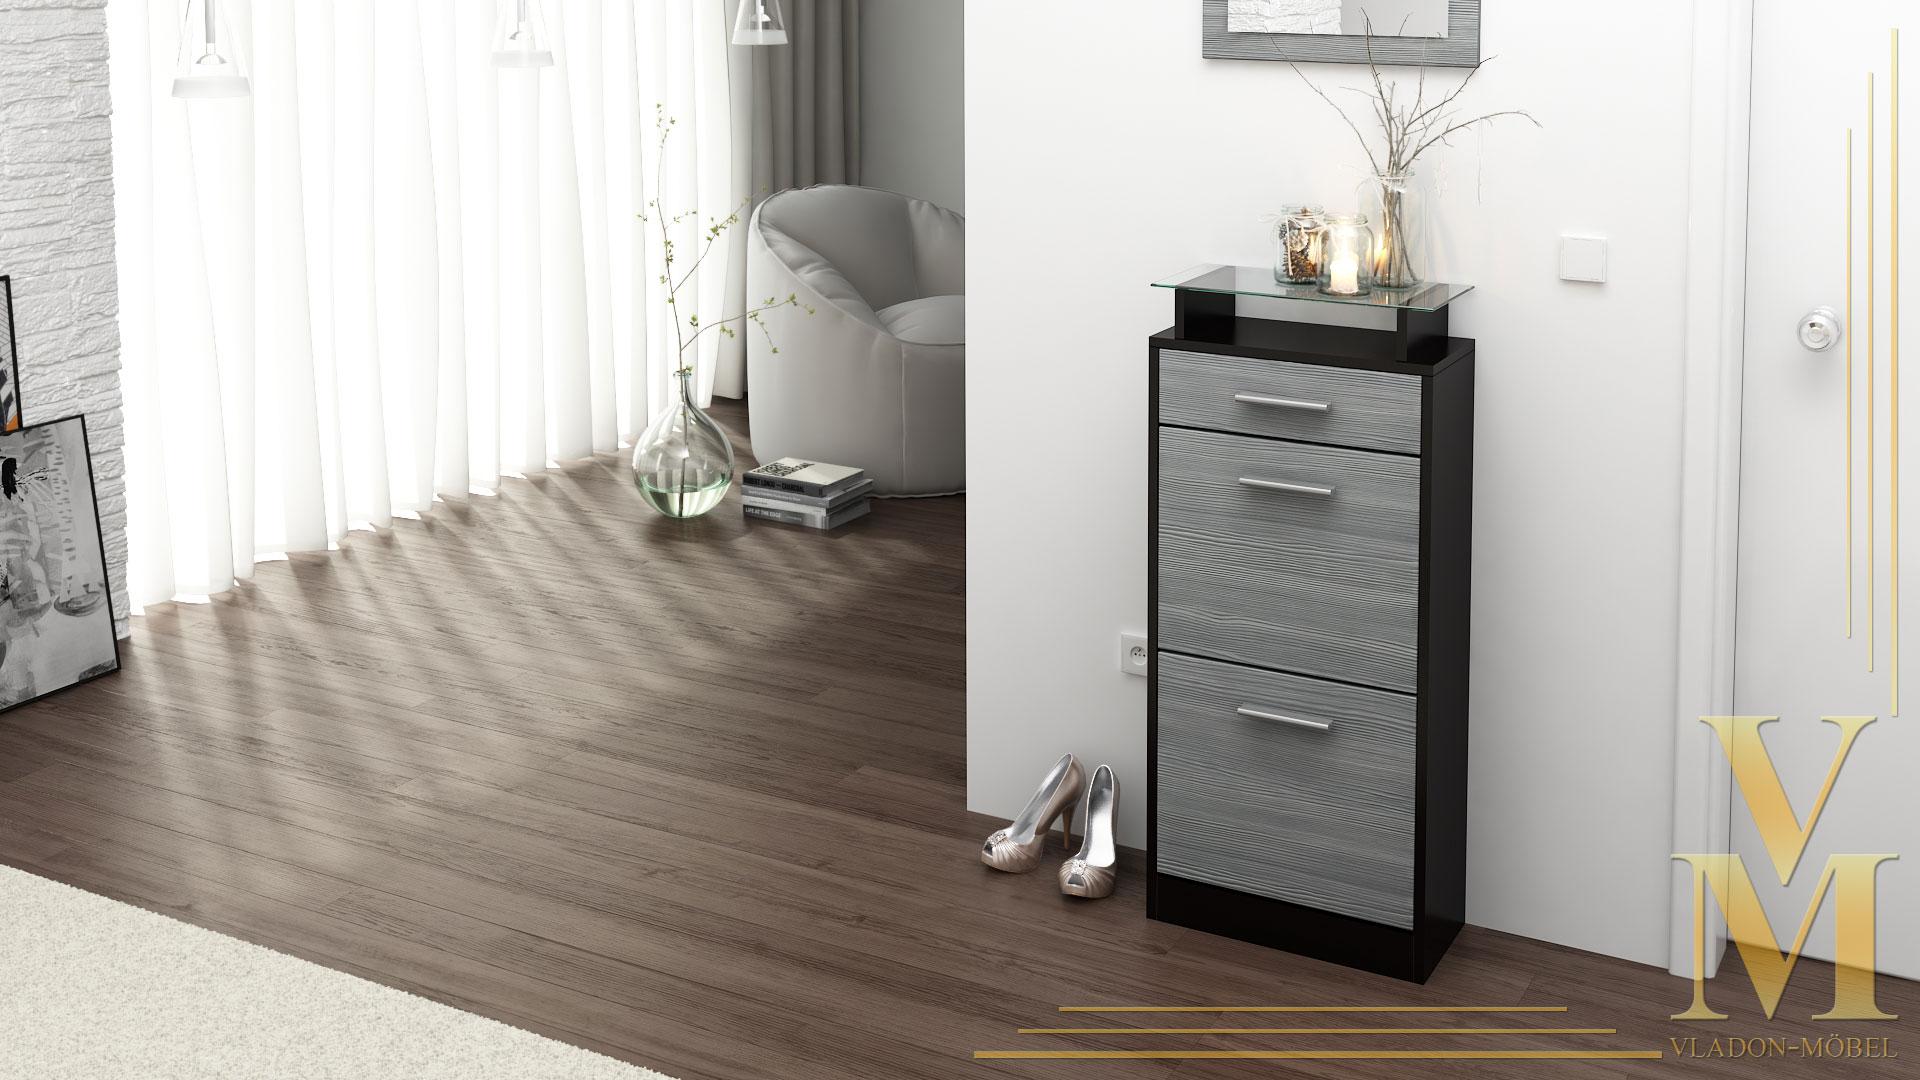 schuhschrank schuhkipper schuh loret v2 in schwarz hochglanz matt naturt ne ebay. Black Bedroom Furniture Sets. Home Design Ideas